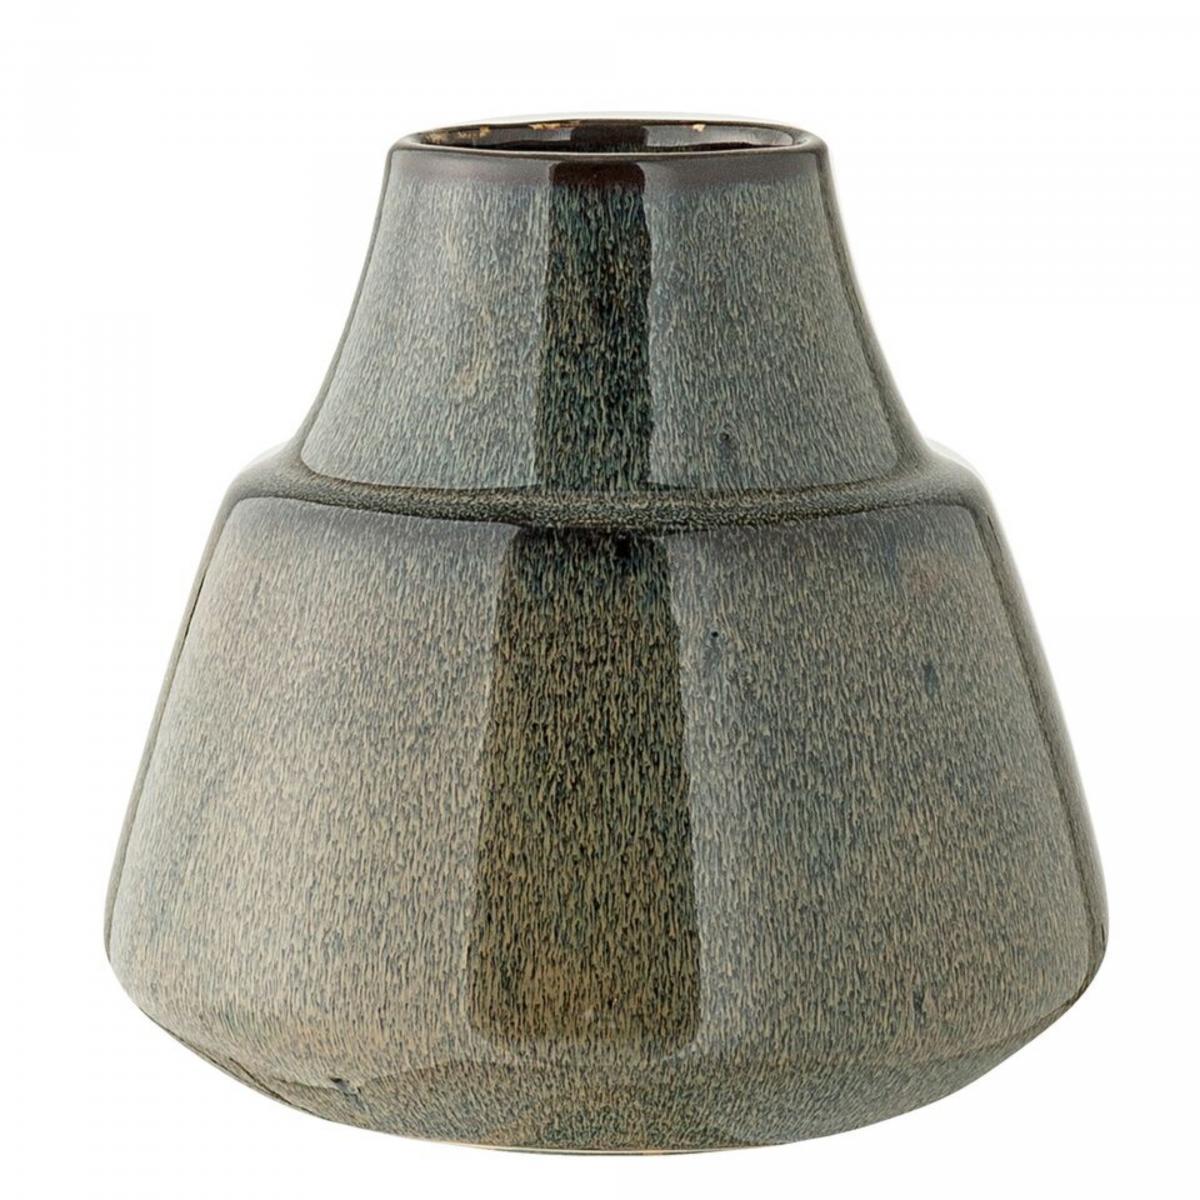 Image of   Bloomingville Vase, Blå, Stentøj højde 16 cm